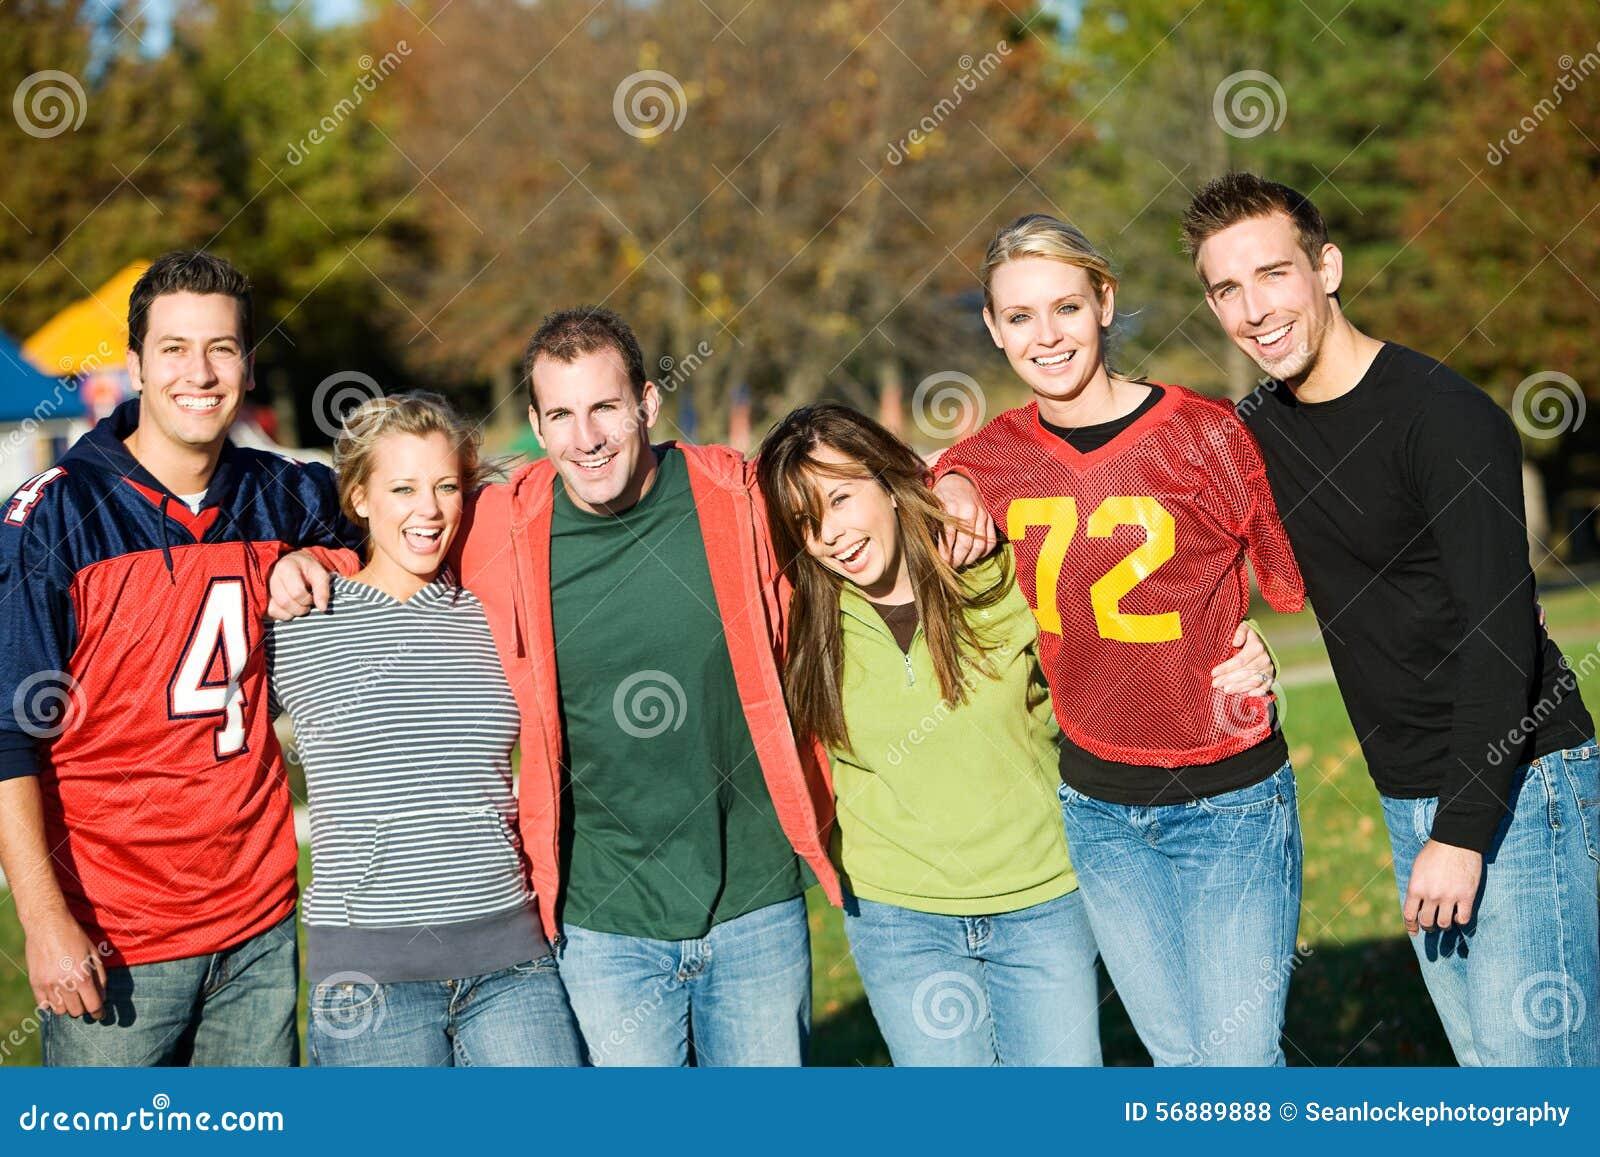 Calcio: Gruppo di amici su Autumn Day